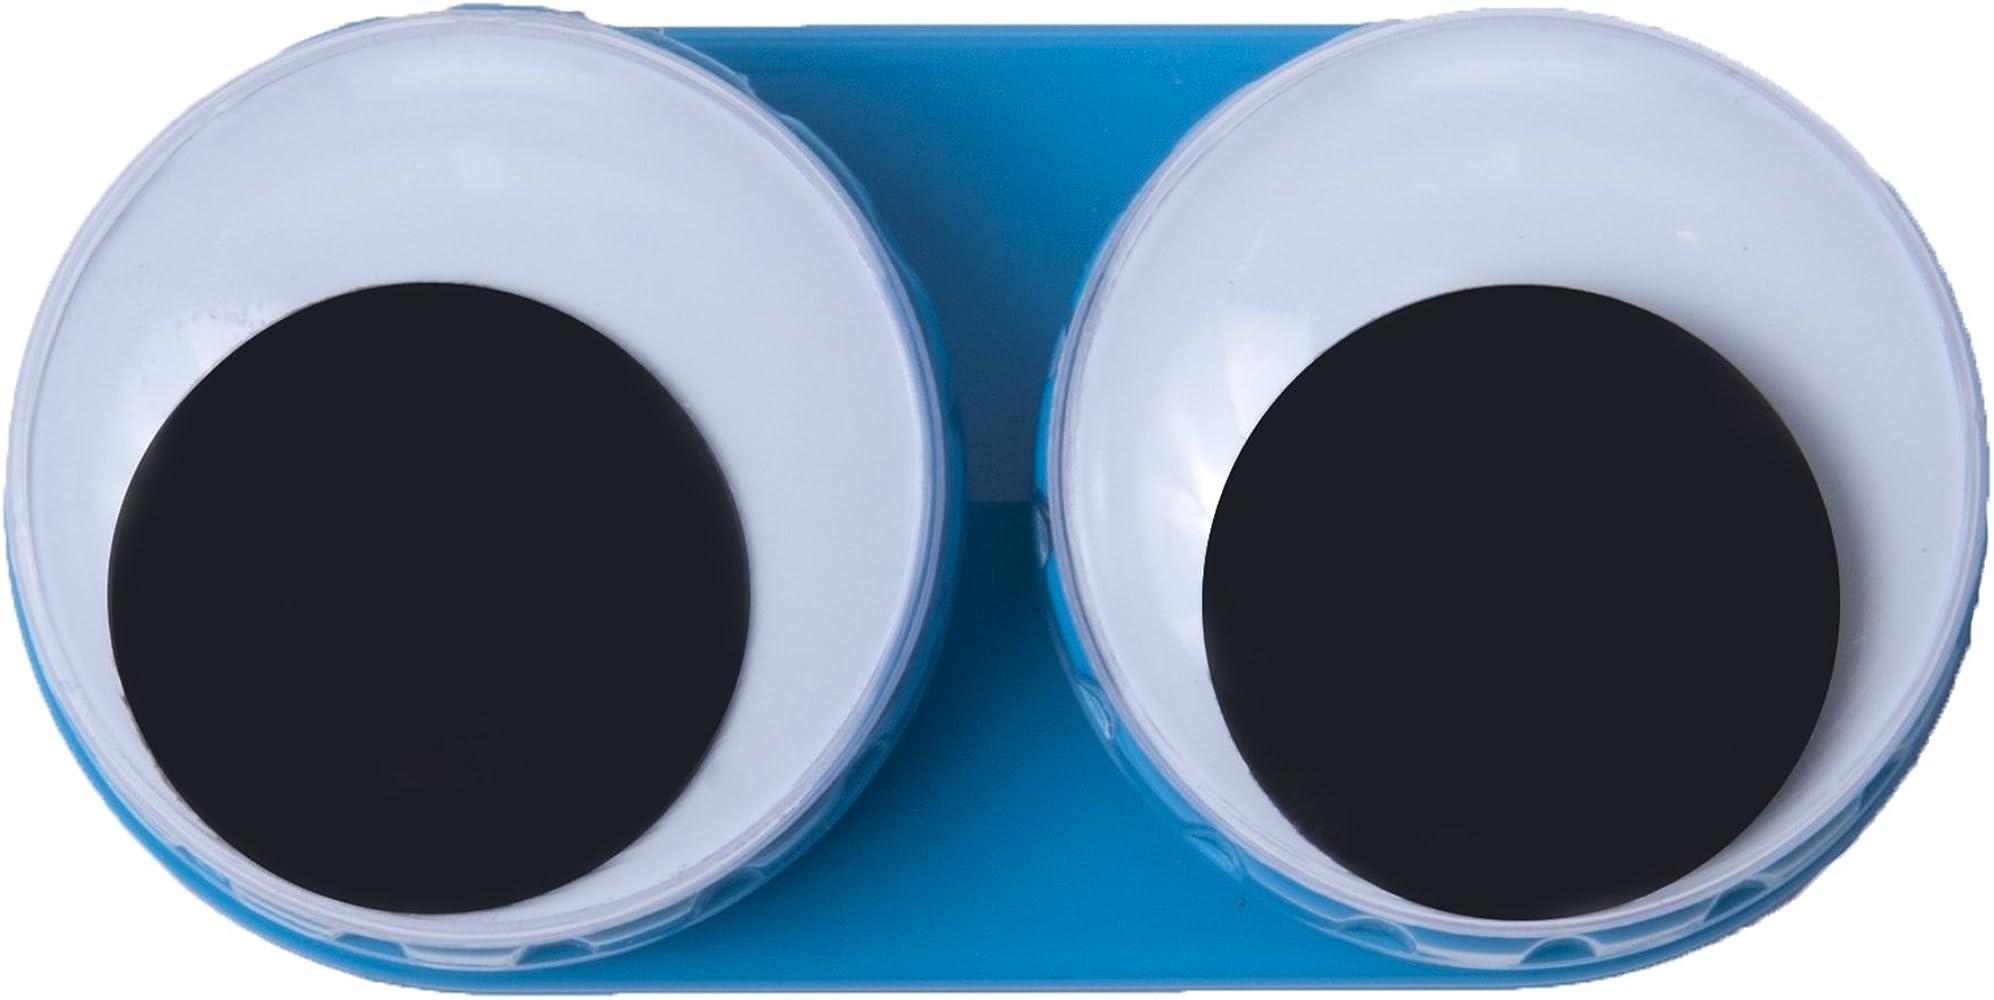 Estuche para lentillas GOOGLE ojos - Colour azul: Amazon.es: Ropa y accesorios